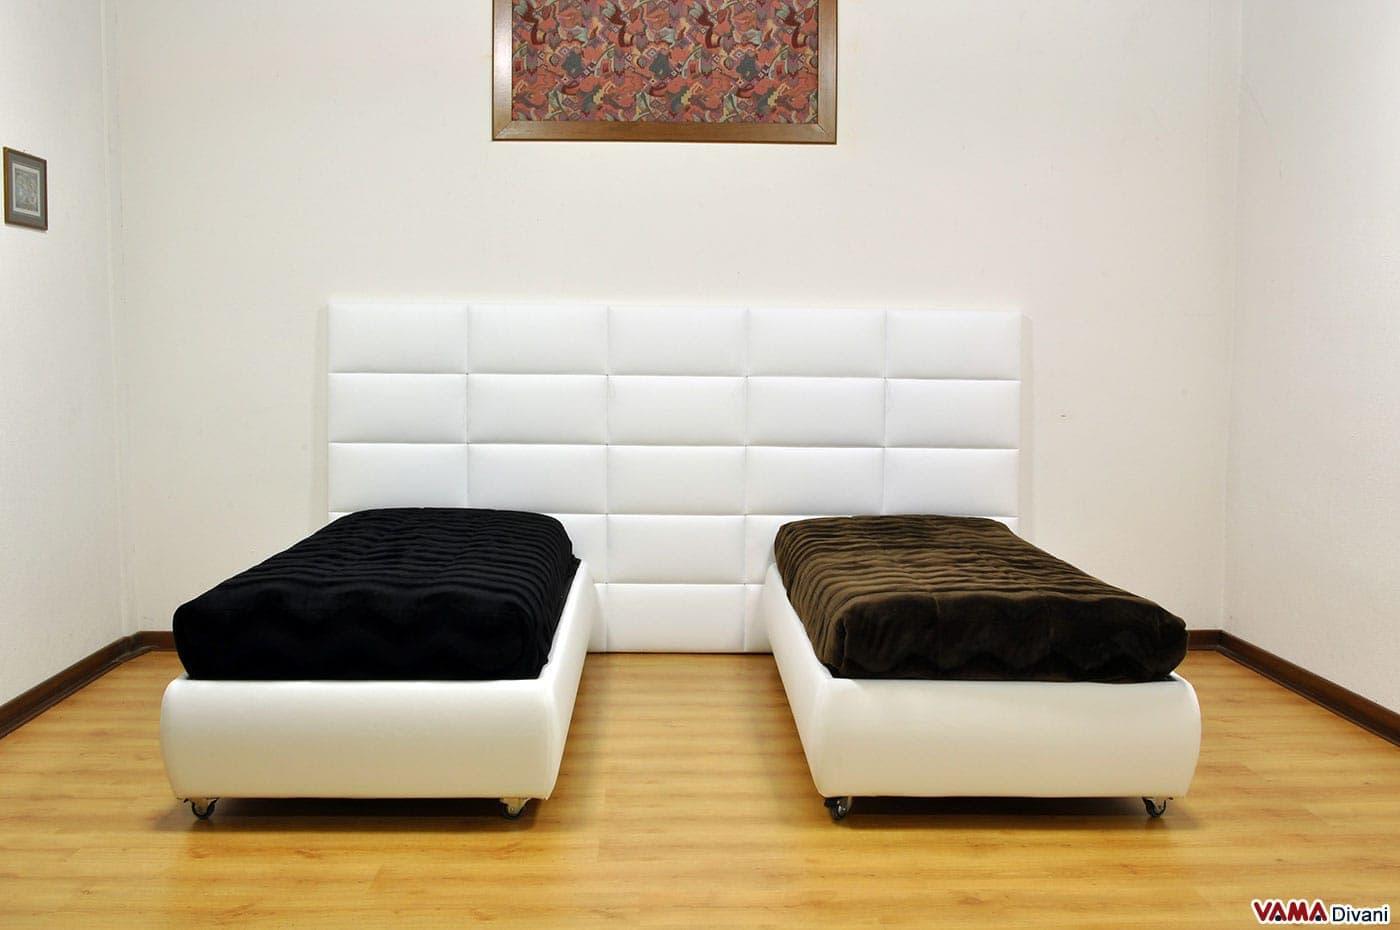 boiserie moderna bianca per una cameretta con letti